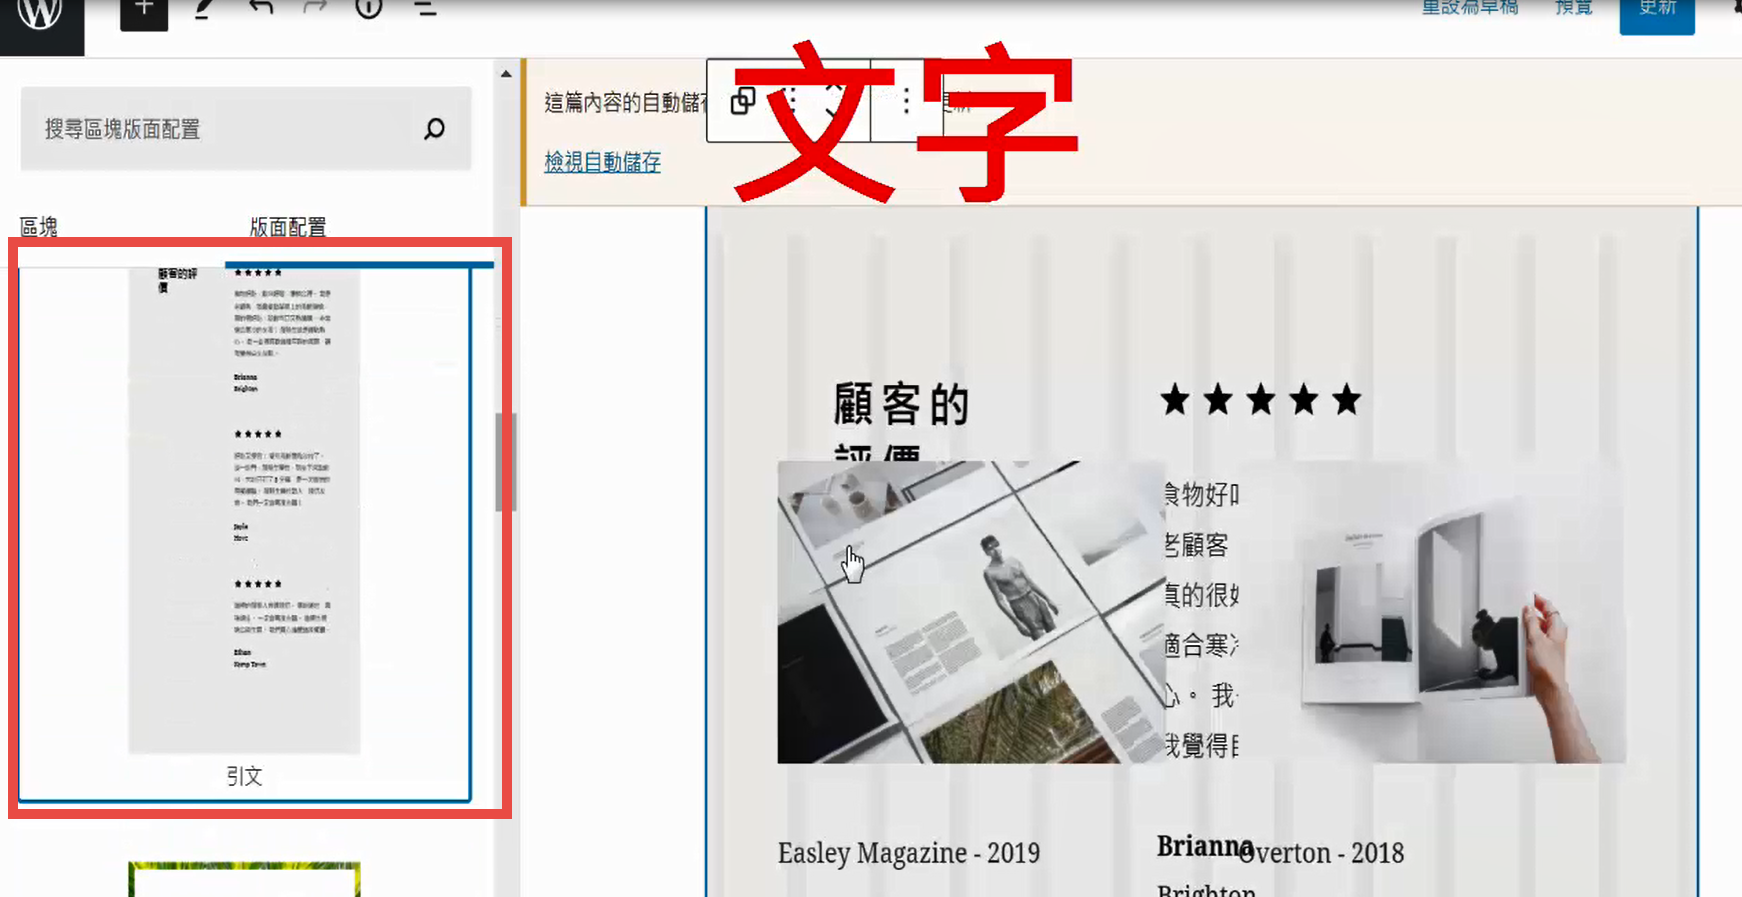 3.16網頁的版面配置